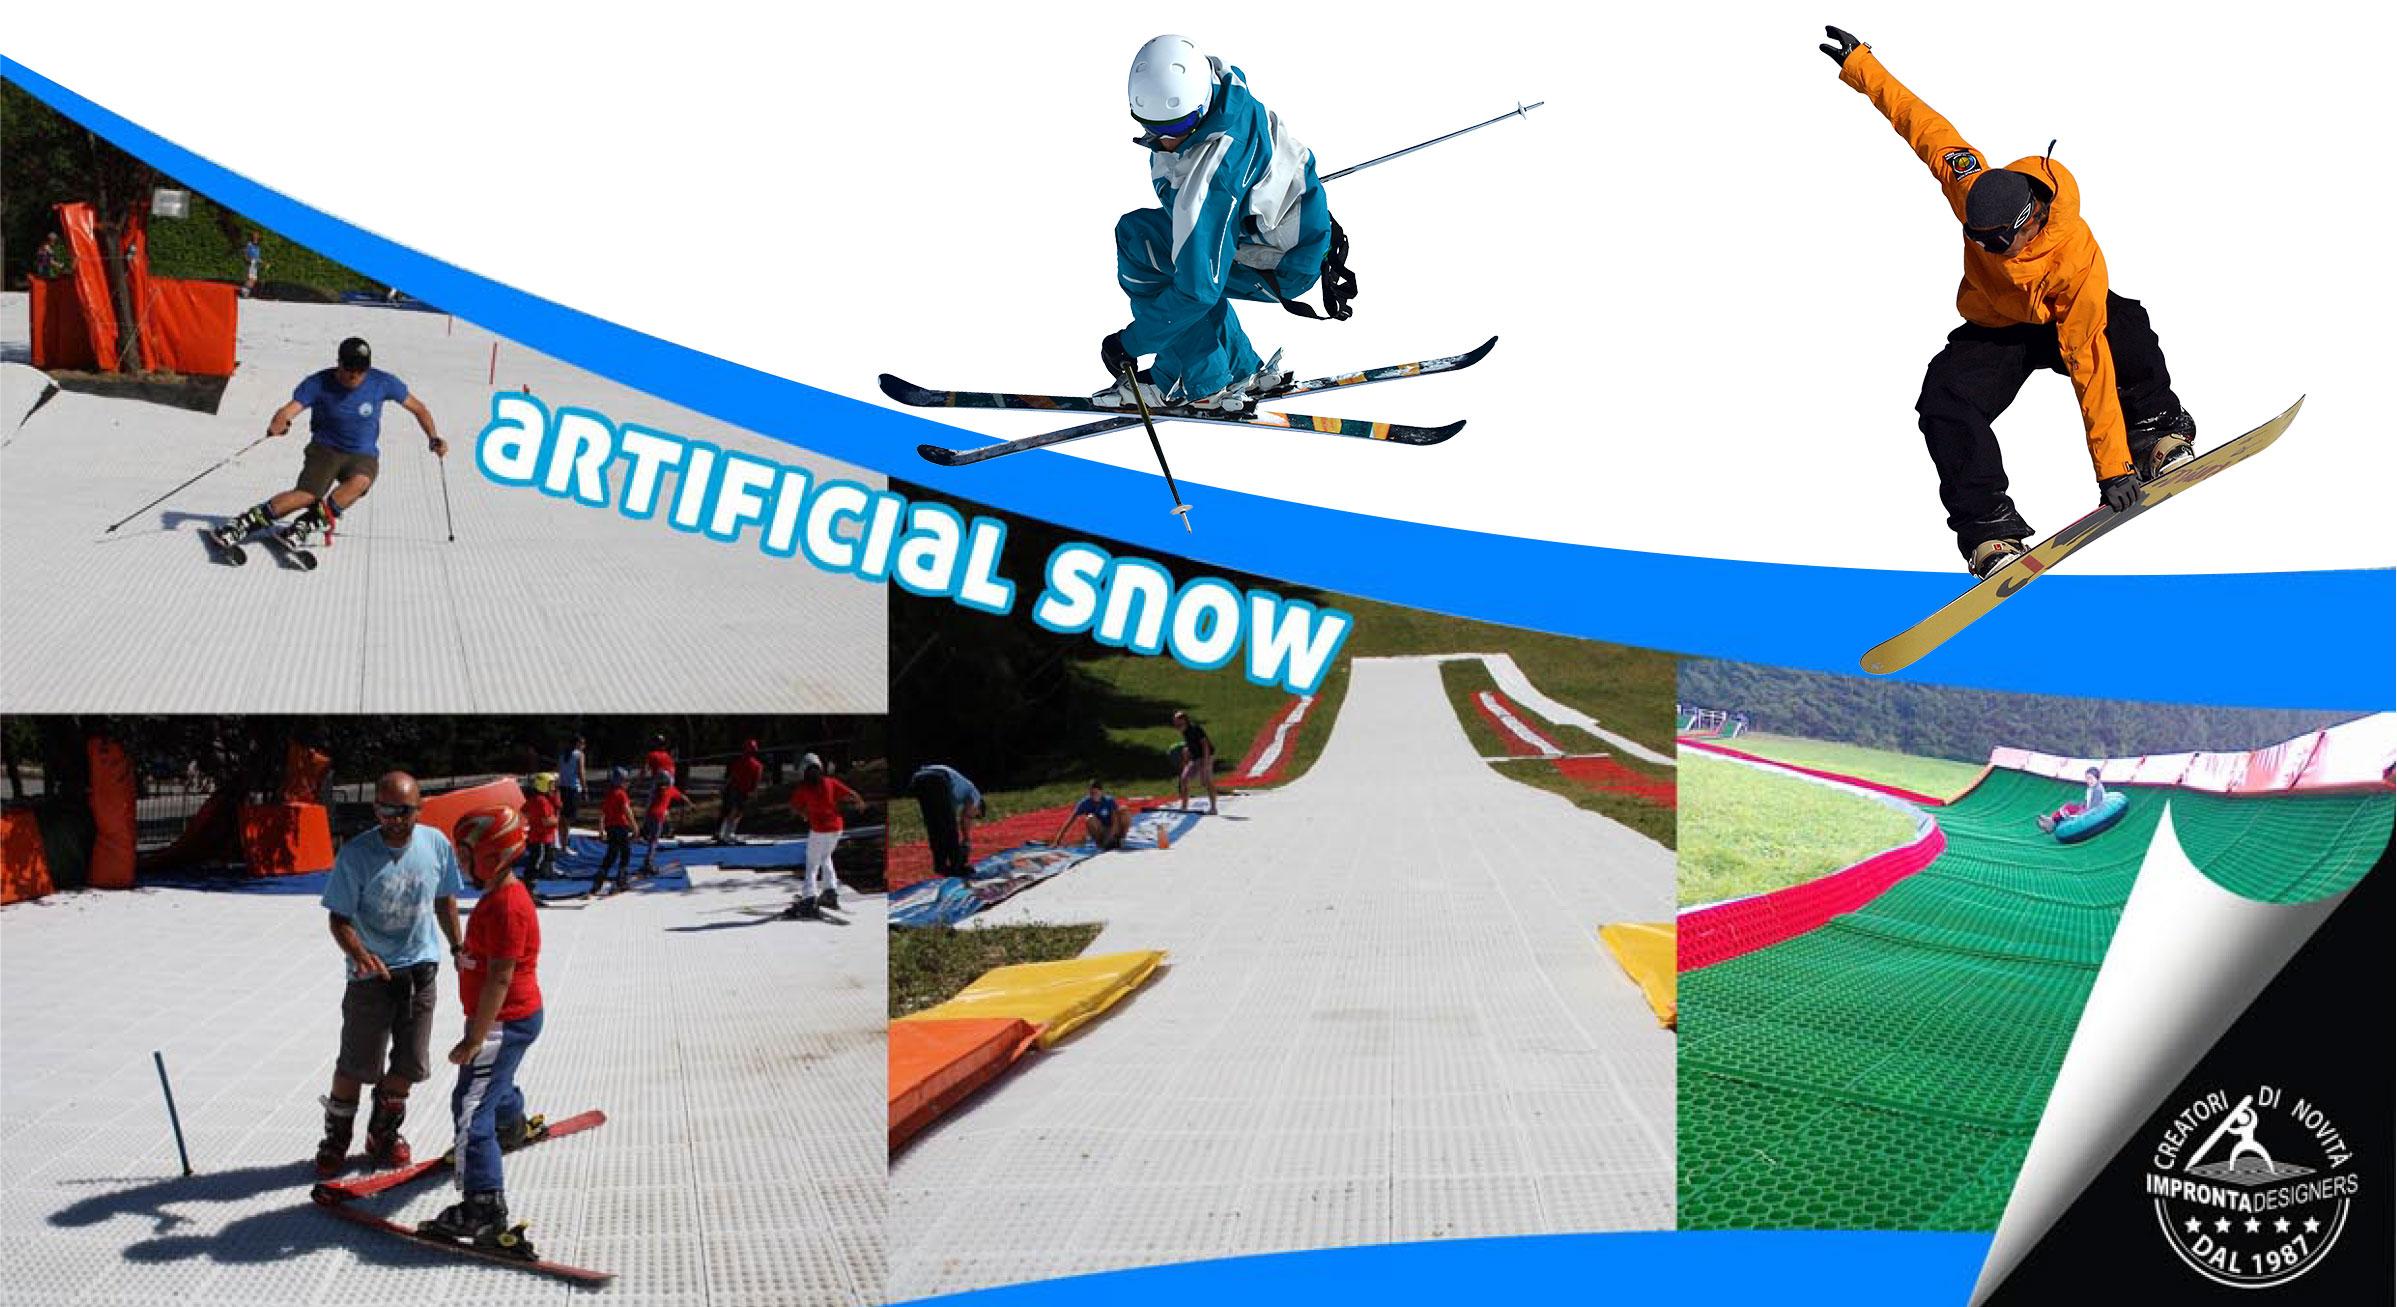 floorslide, artificial snow, tubing, fun activities